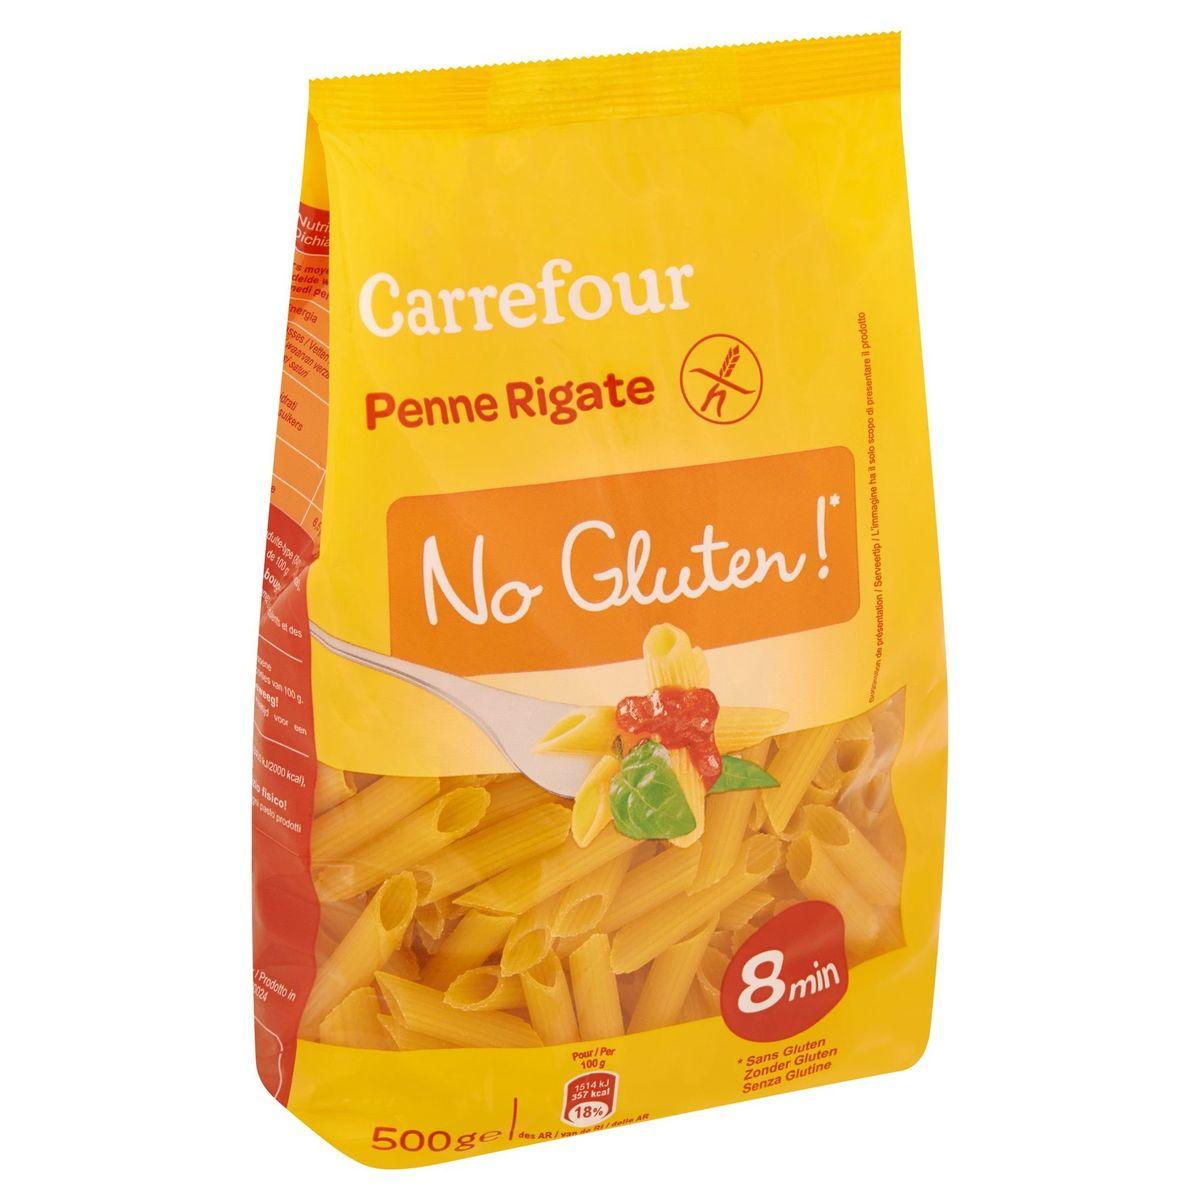 Carrefour Penne Rigate No Gluten! 500 g